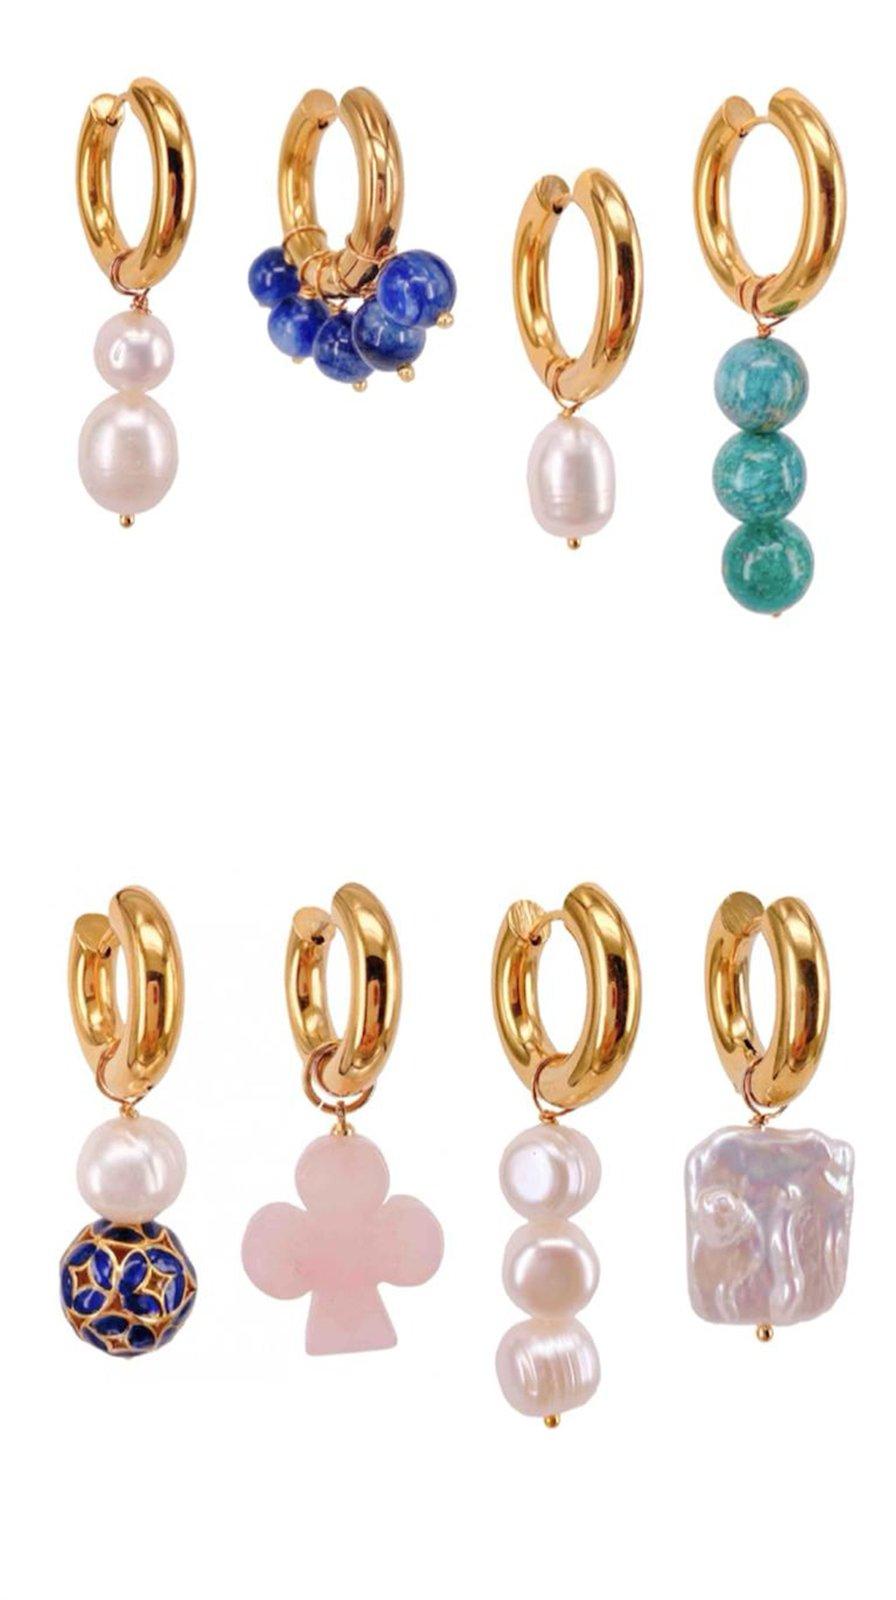 Image of Favoritas earrings